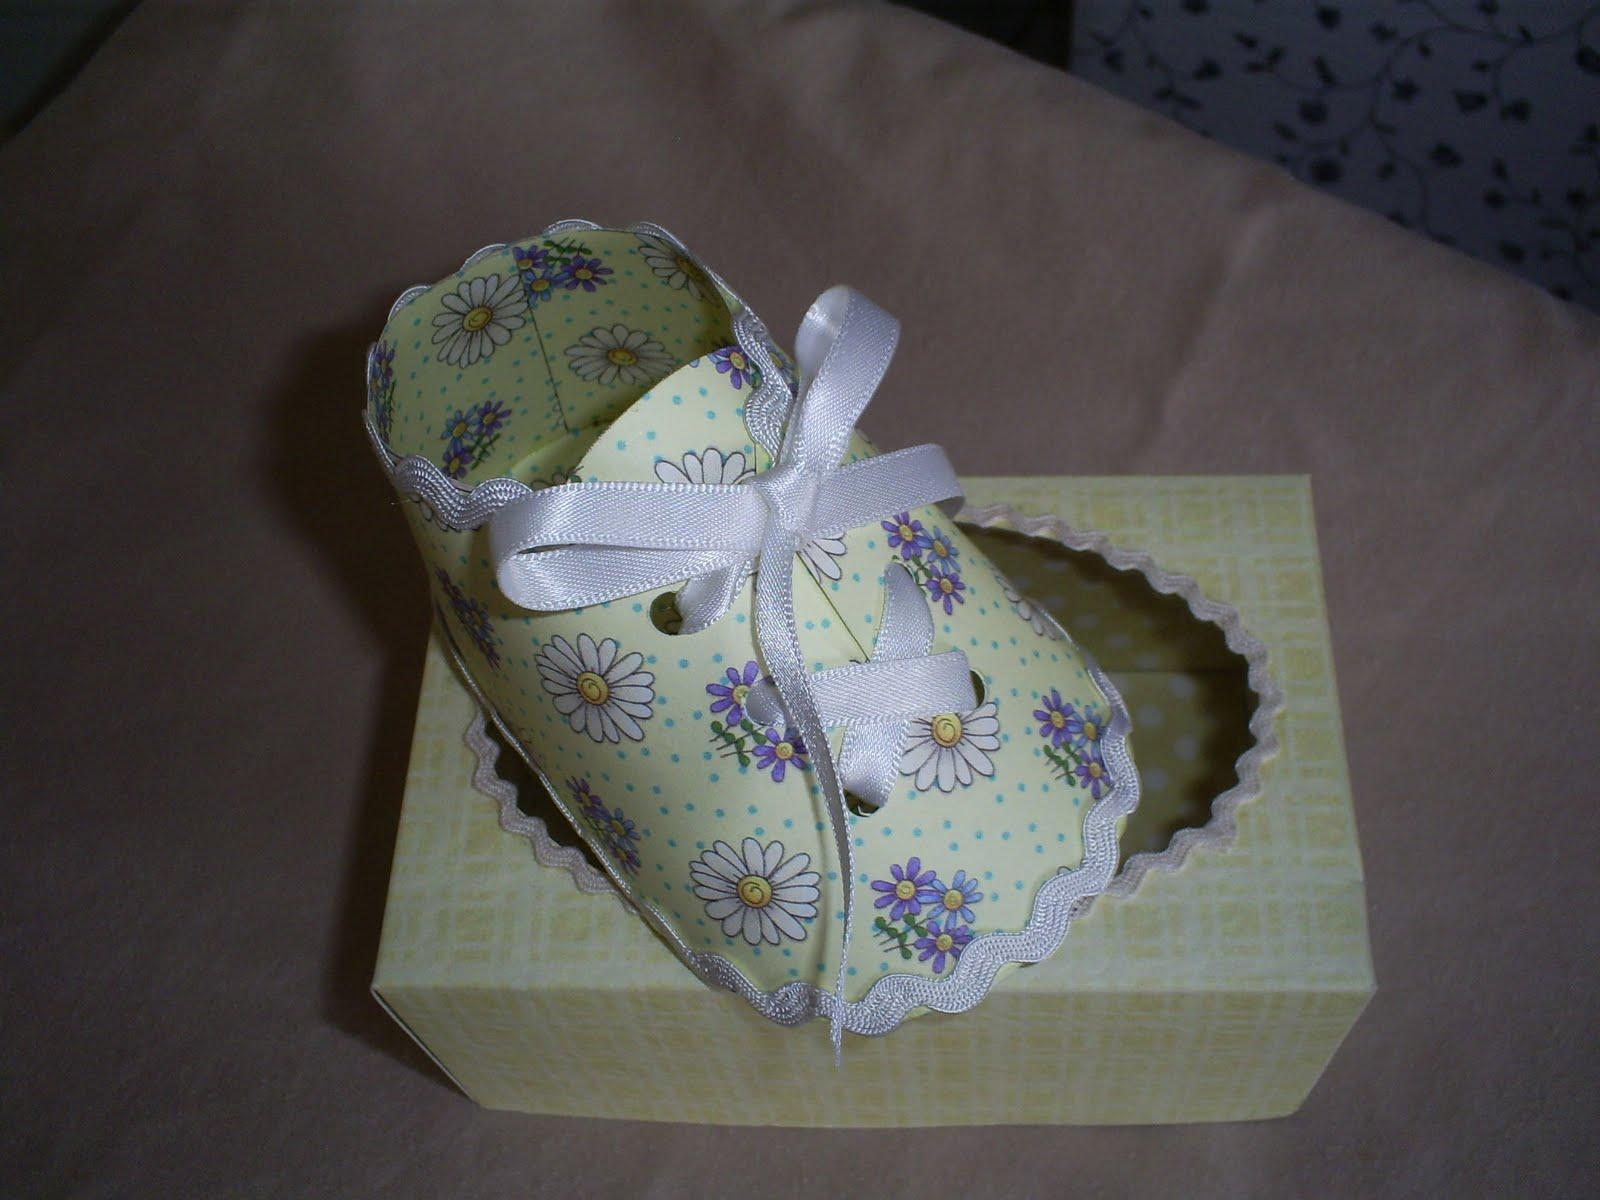 Gemini Designs UK : Lemon Baby shoe